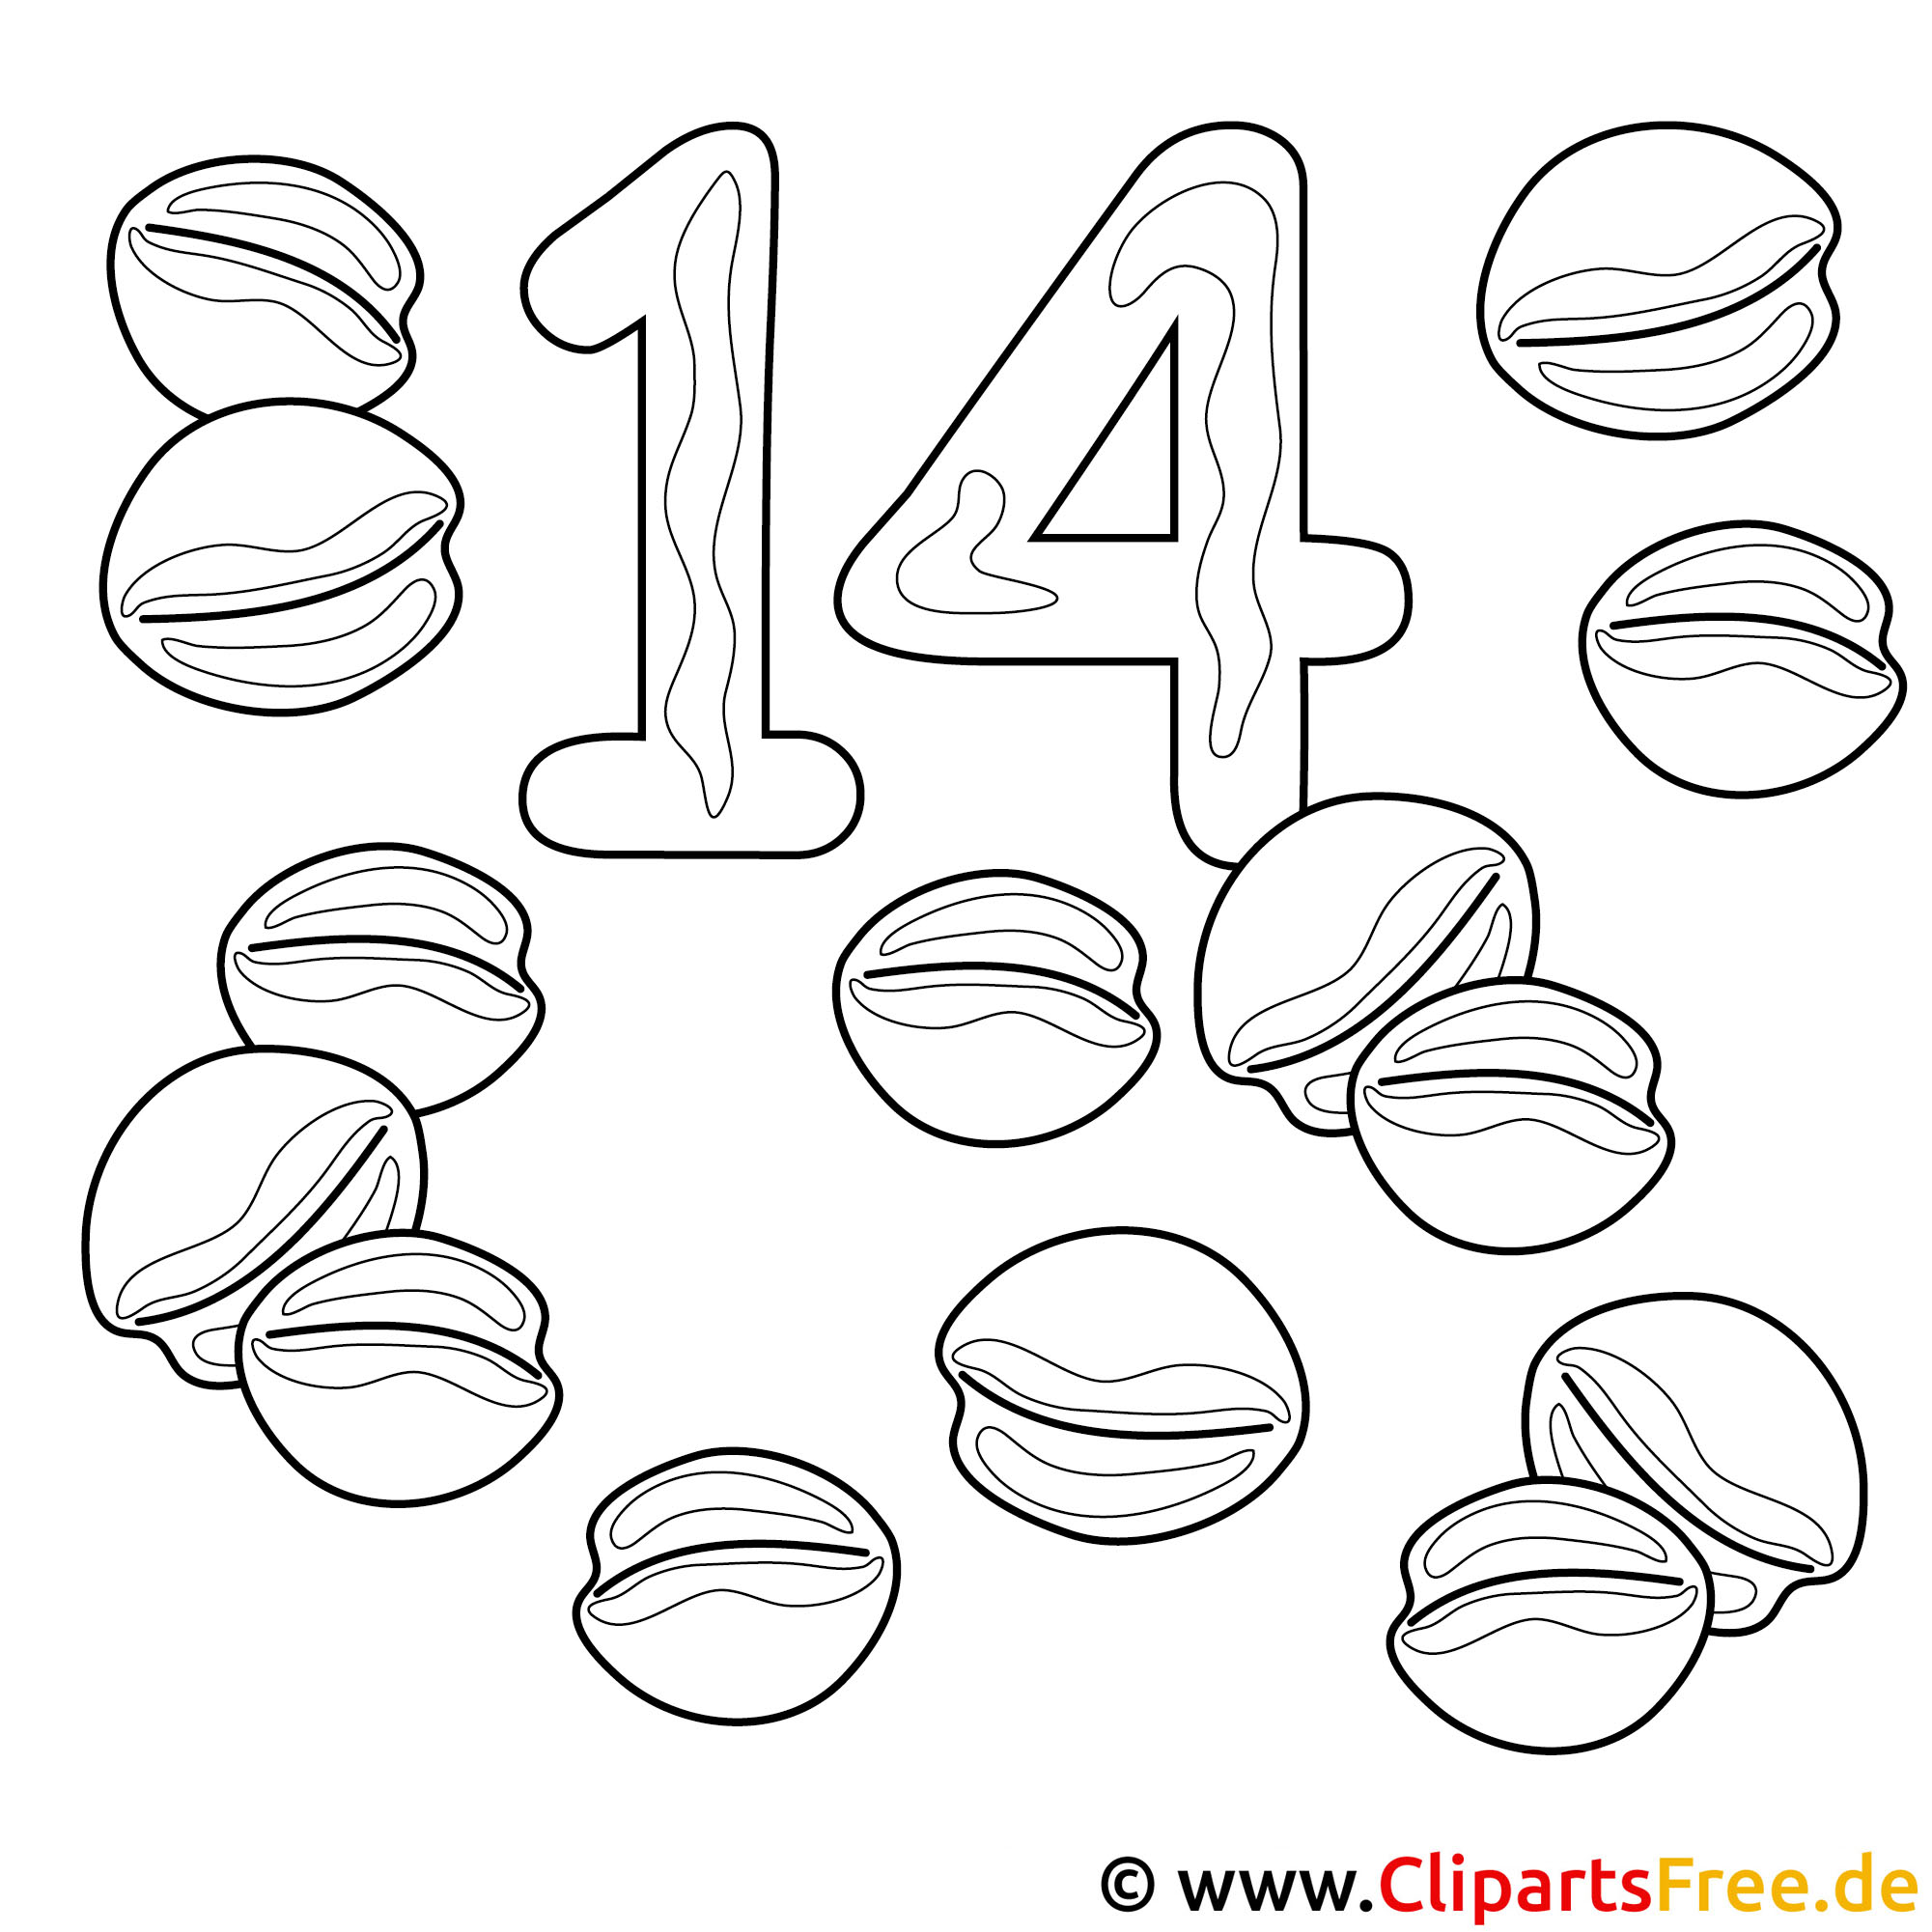 Zahl 14 - Nuesse Malvorlage - Zahlen lernen